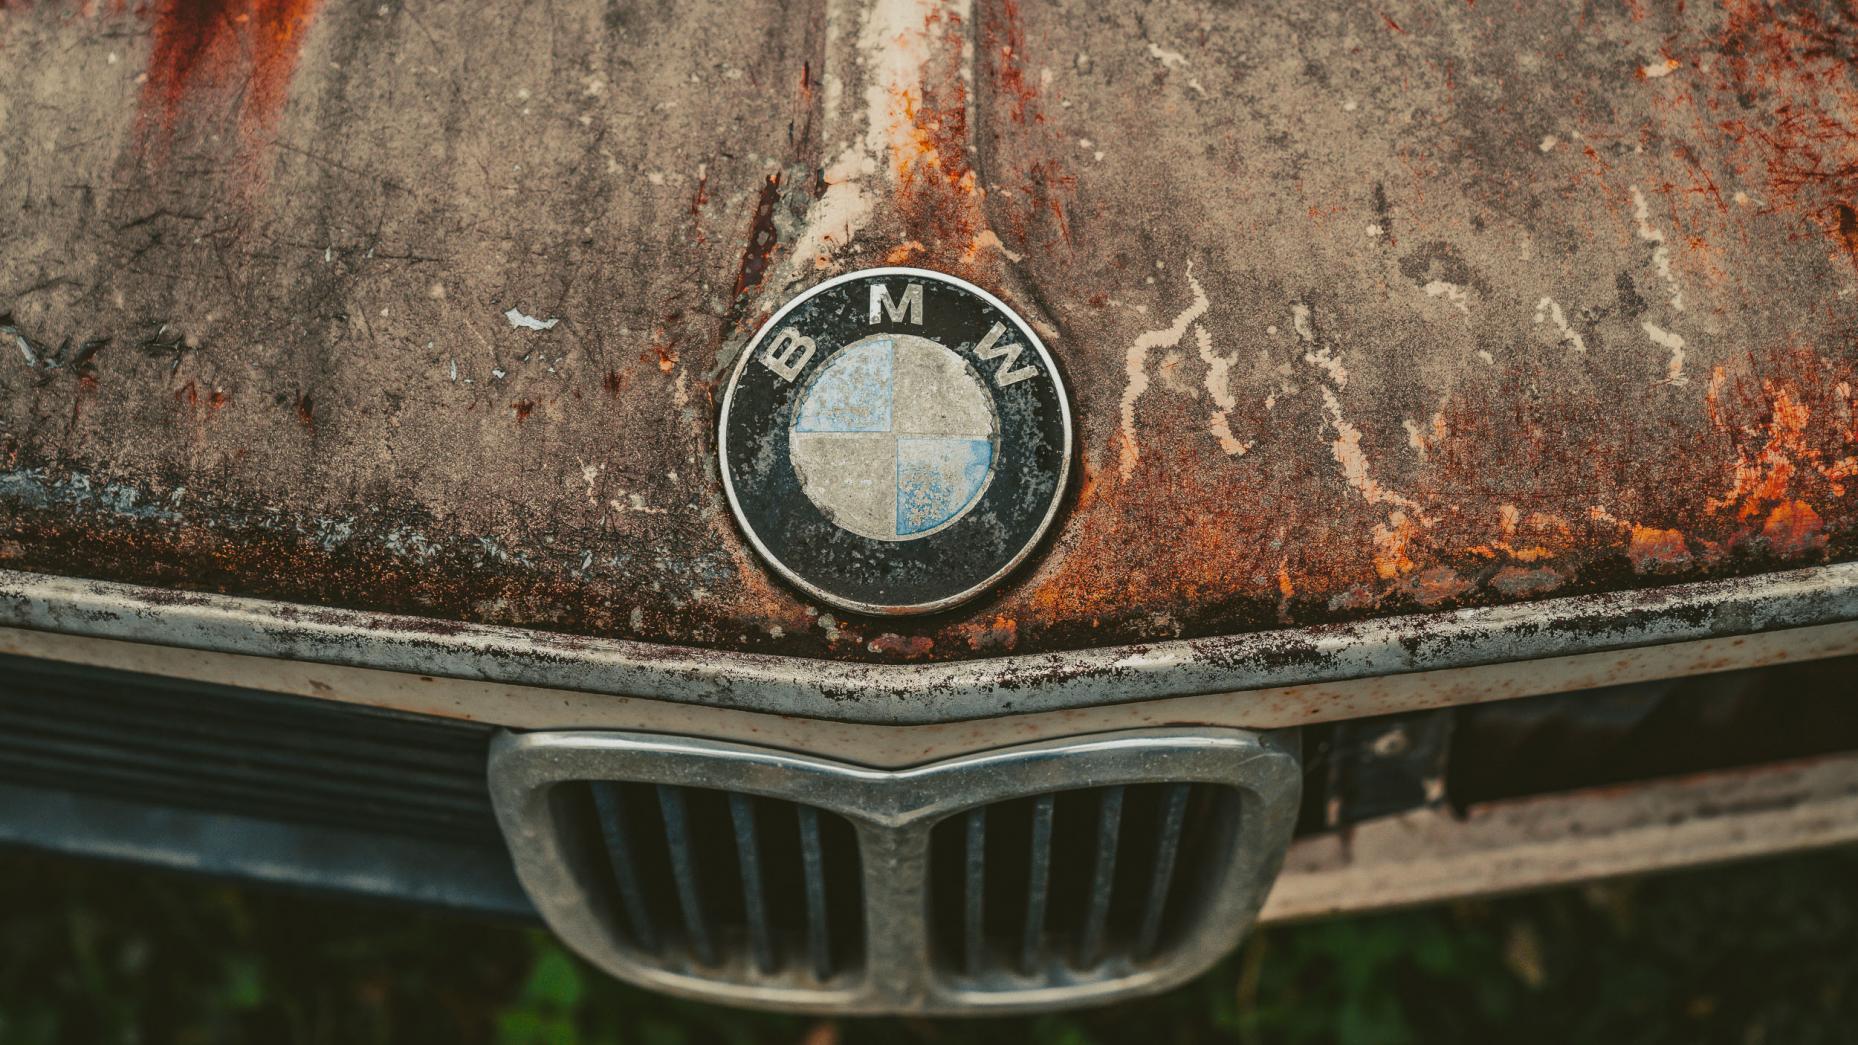 Japans autokerkhof BMW logo roest motorkap